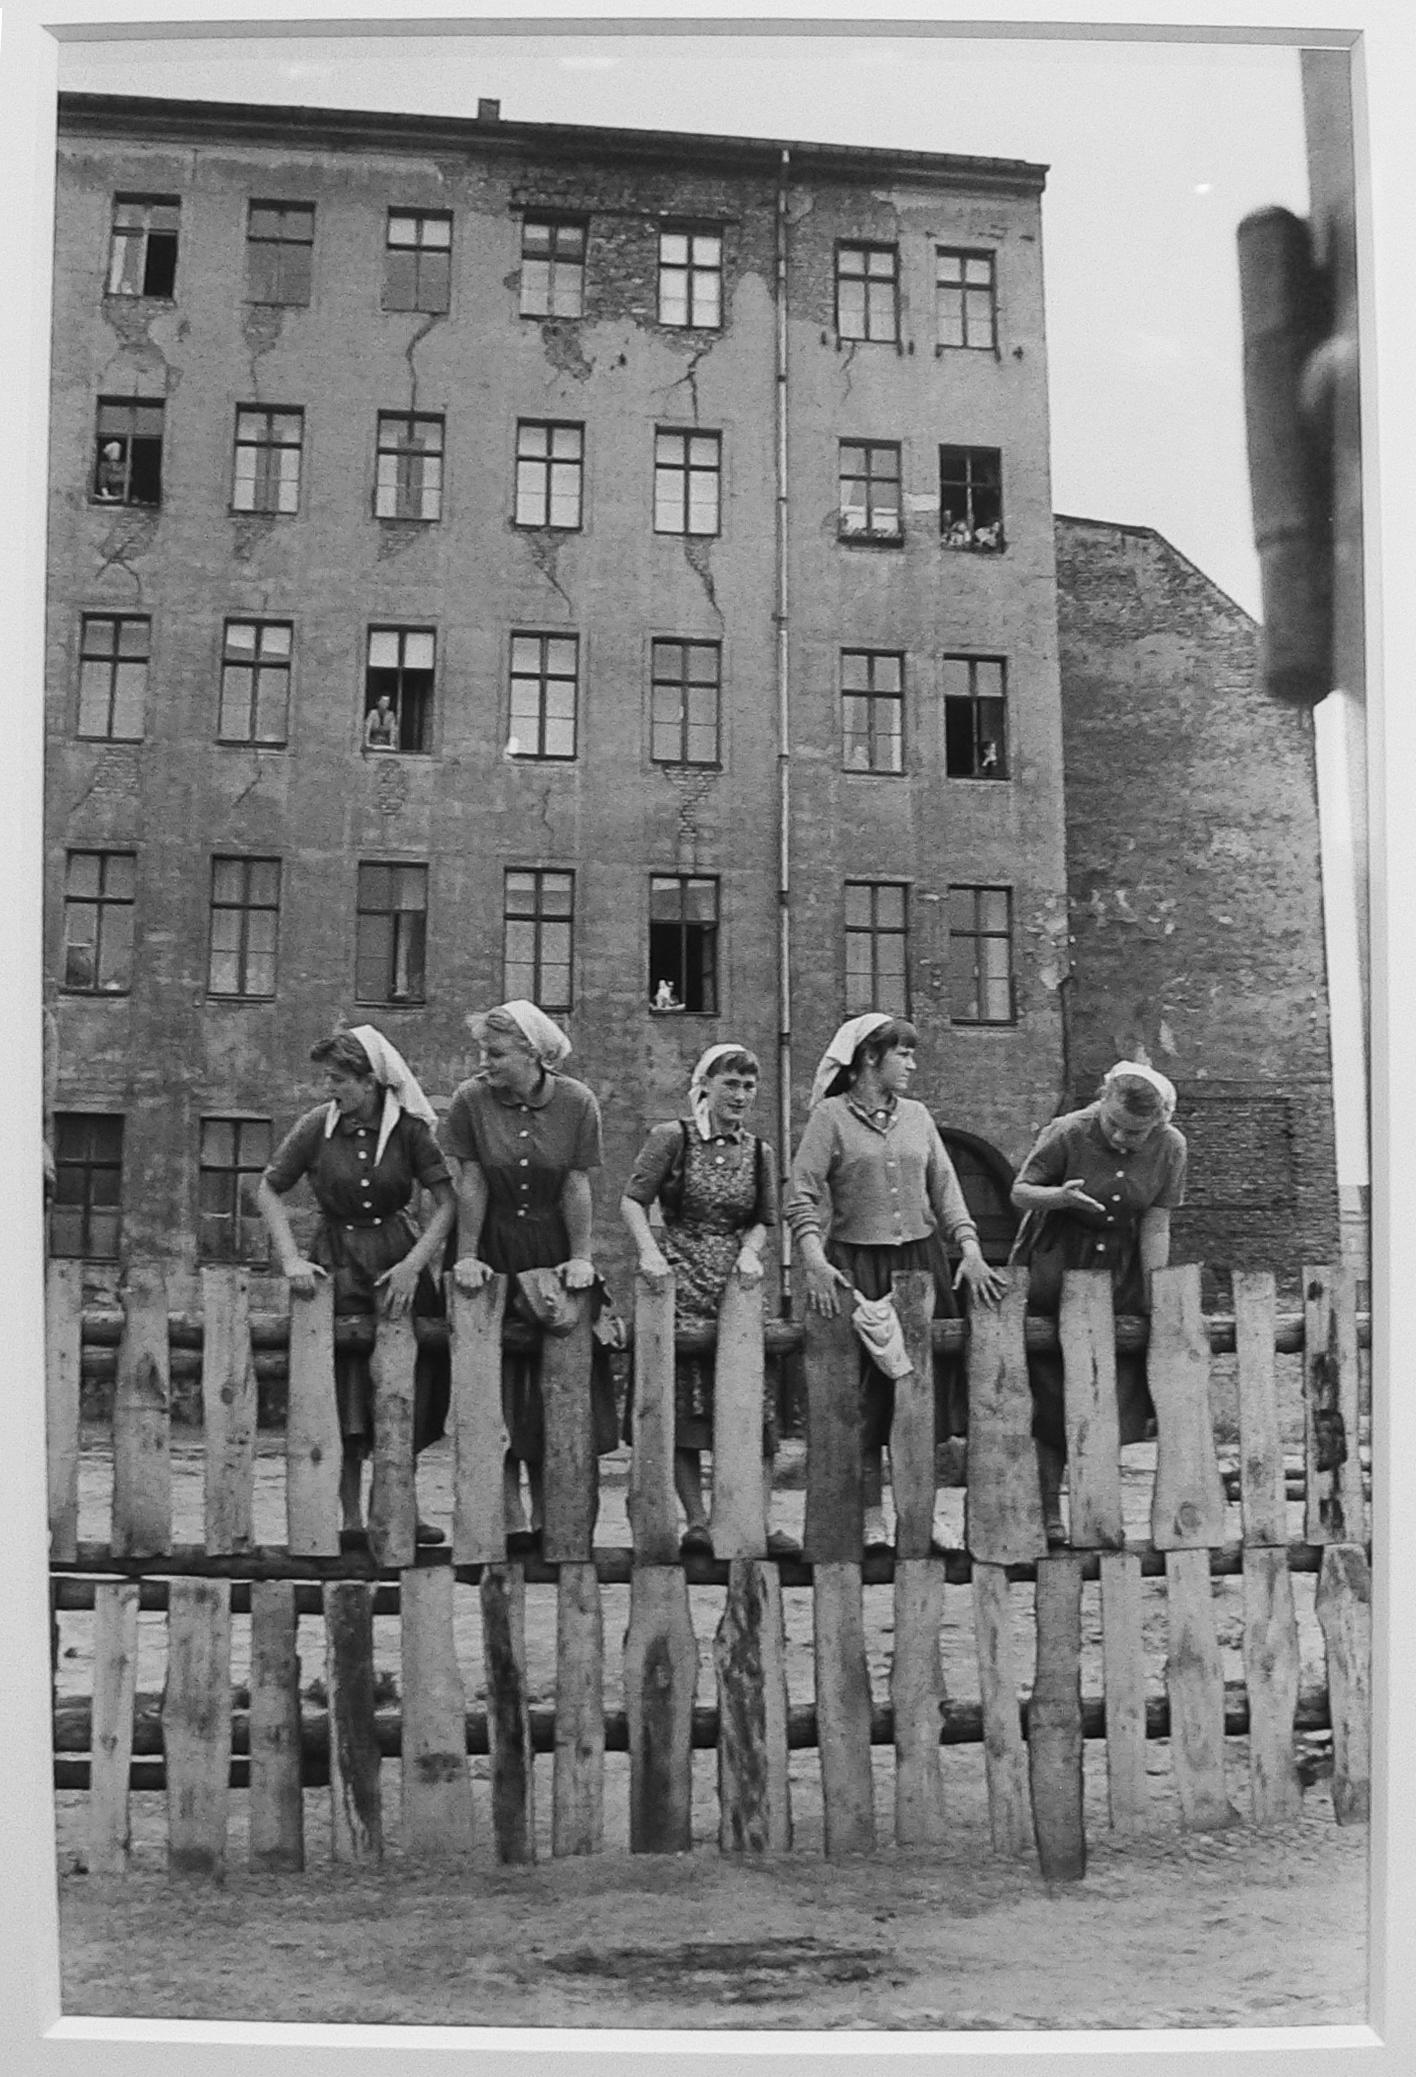 Арно_Фишер_Восточный_Берлин_1957